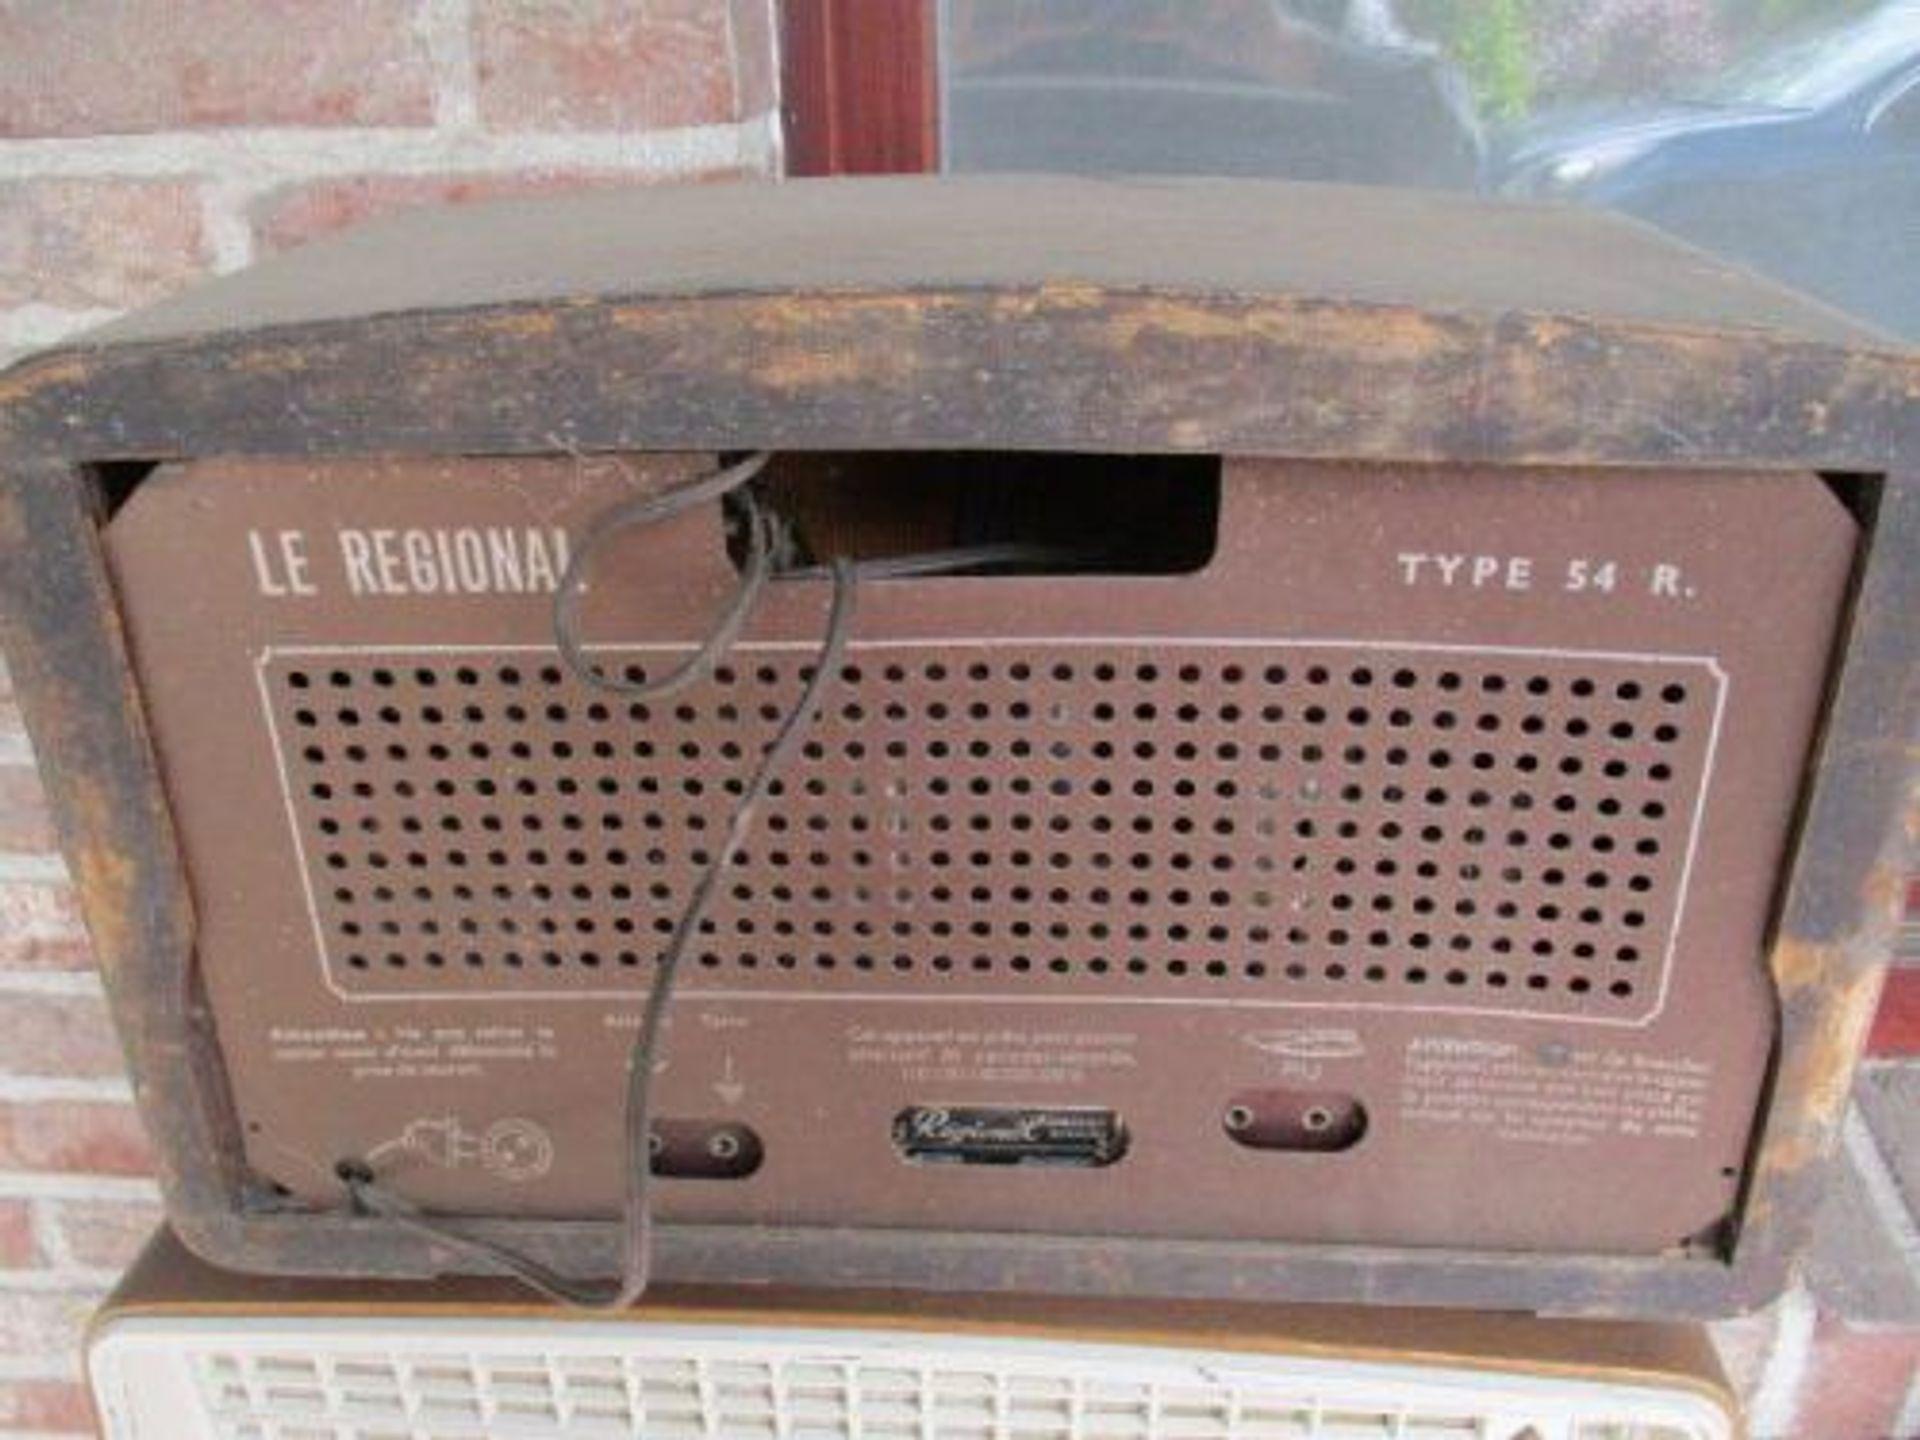 Remco gooit live op de radio zijn 59 jaar oude radio weg, in ruil voor een nieuwe DAB+ radio